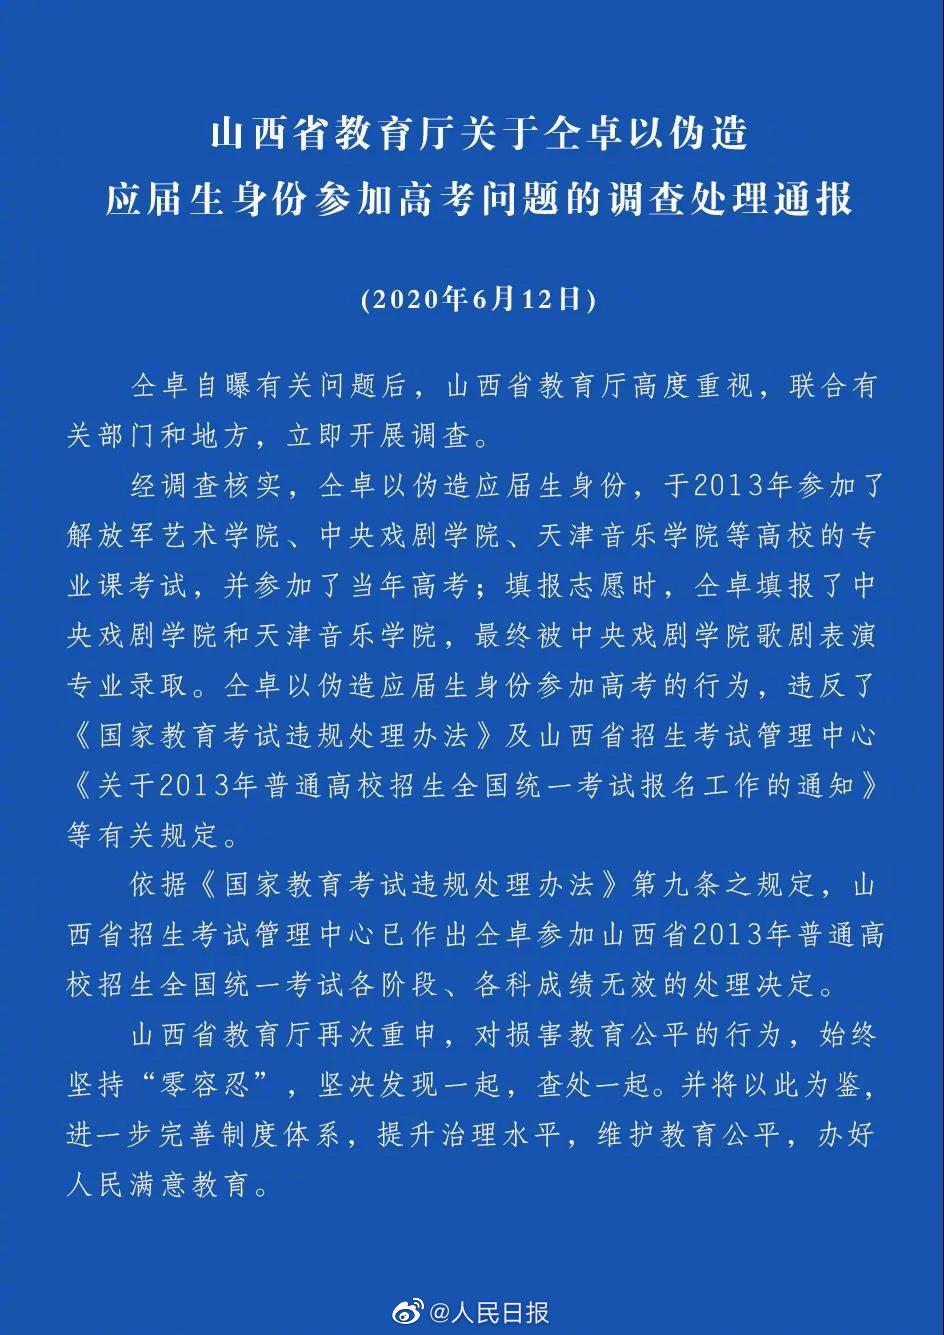 欧博代理:官方披露仝卓高考舞弊事宜:成就无效 其父被革职 第2张